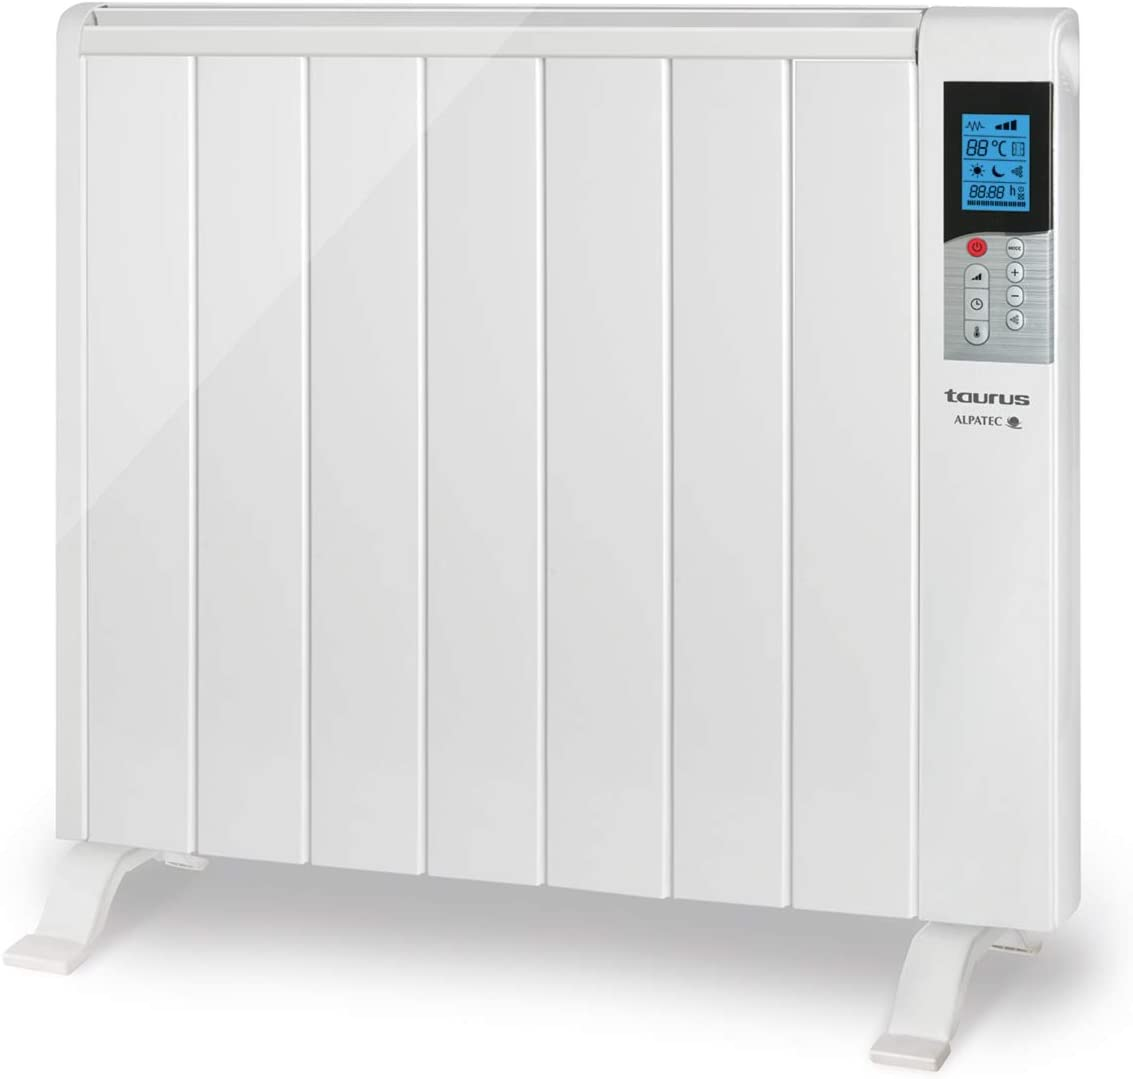 Taurus Tanger 1500 - Emisor térmico con tecnología seca, programación diaria-semanal, temperatura hasta 35ºC, 2 modos de funcionamiento confort y económico, función ventana abierta, 7 elementos, 1500W